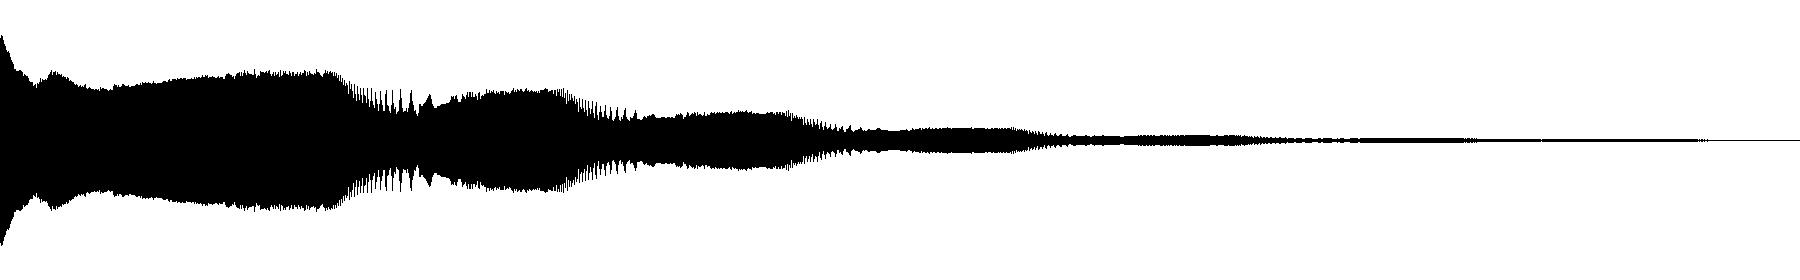 cymatics   808 mob fx 12   kill bill siren 2